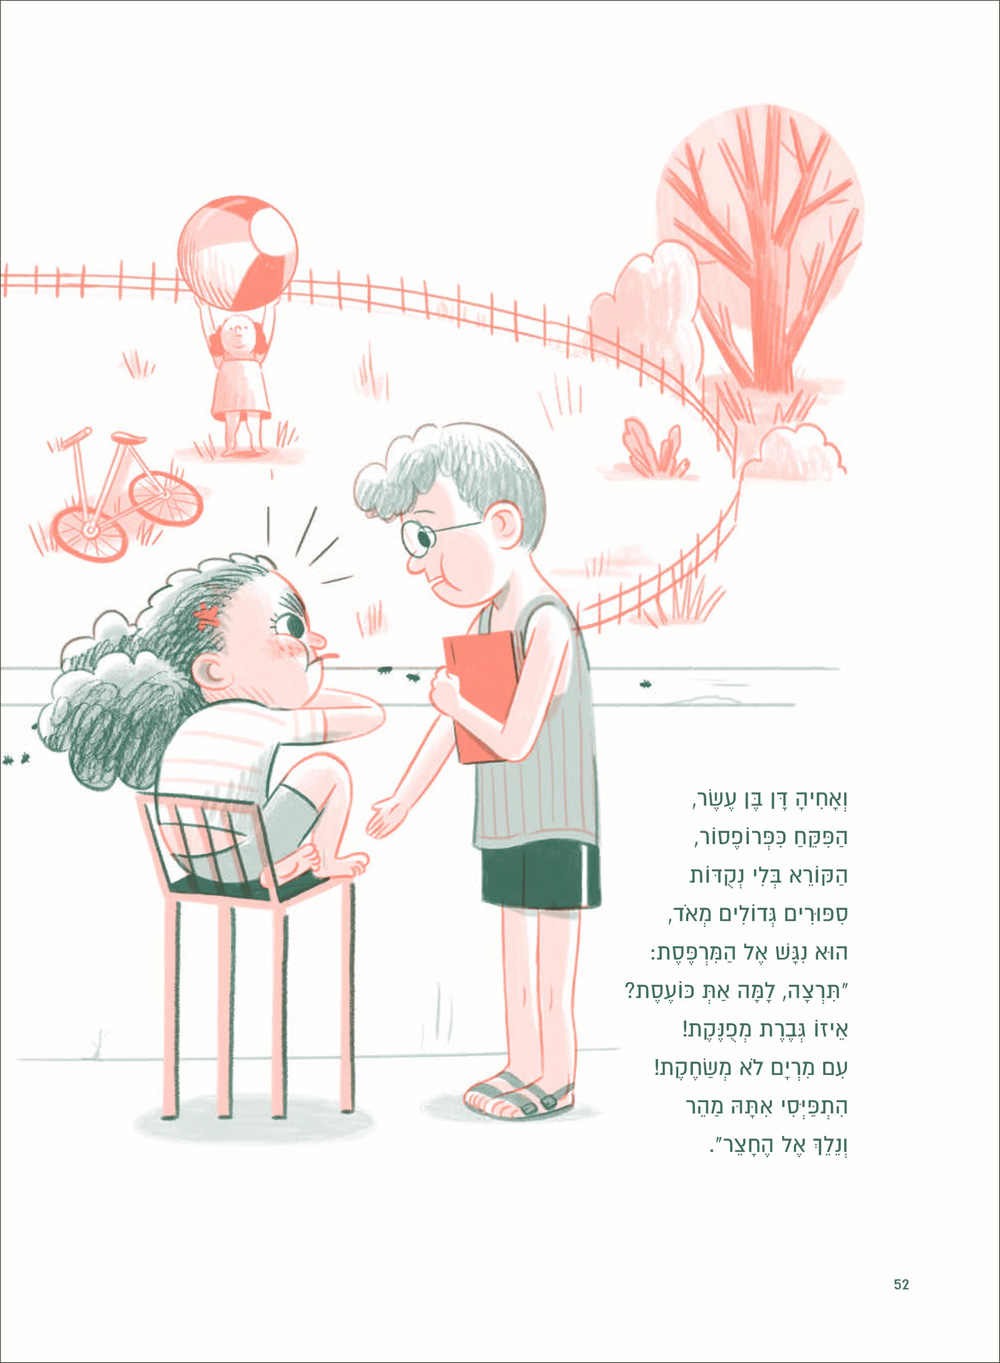 מגזין ''מקו ועד תרבות'' - ''חפצים'' קלאסיקה לילדים ולמבוגרים<br><br>לכתב לילדים בשנים 1930-1950 וליהנות עד היום<br>מכתיבה בהירה, רצינית, אוהבת ילדים ומכבדת אותם, יש להודות רק<br>ללאה גולדברג.